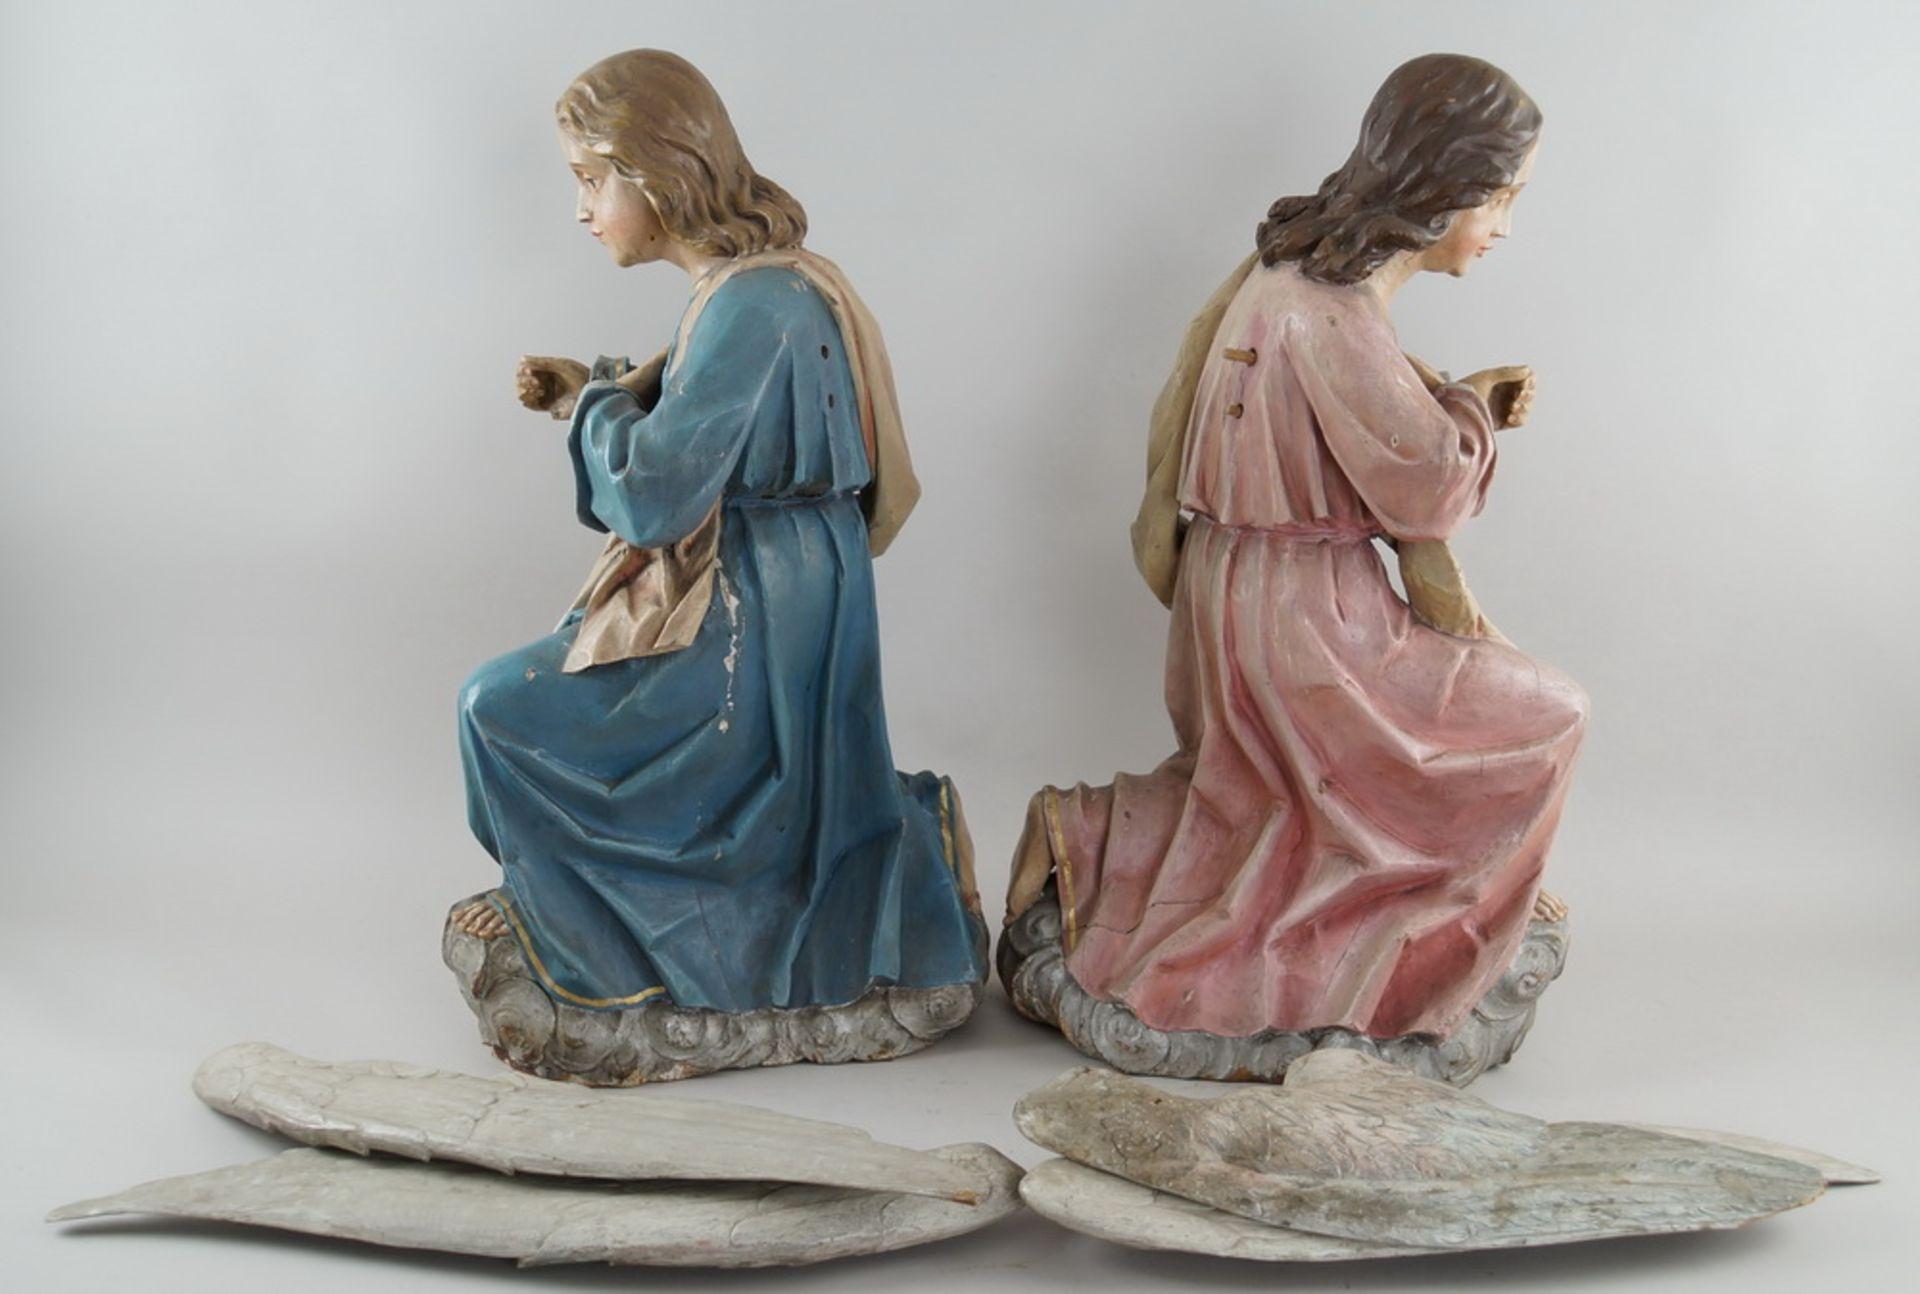 Zwei kniende Engel mit Flügel, 18. JH, Holz geschnitzt und gefasst, rest.-bed., H je 73cm - Bild 12 aus 15